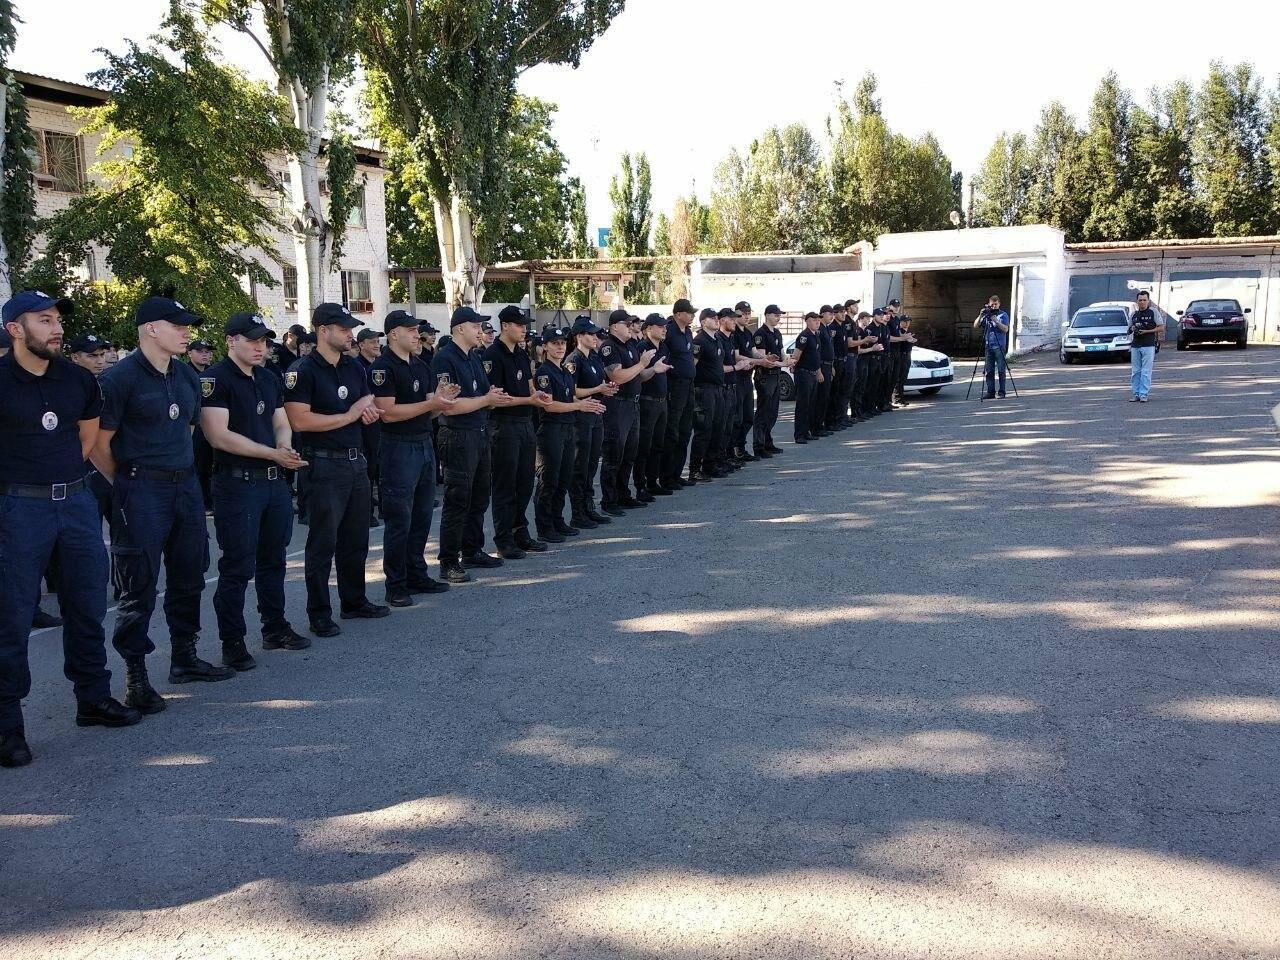 В Кривом Роге наградили патрульных за добросовестное выполнение служебных обязанностей, - ФОТО, фото-17